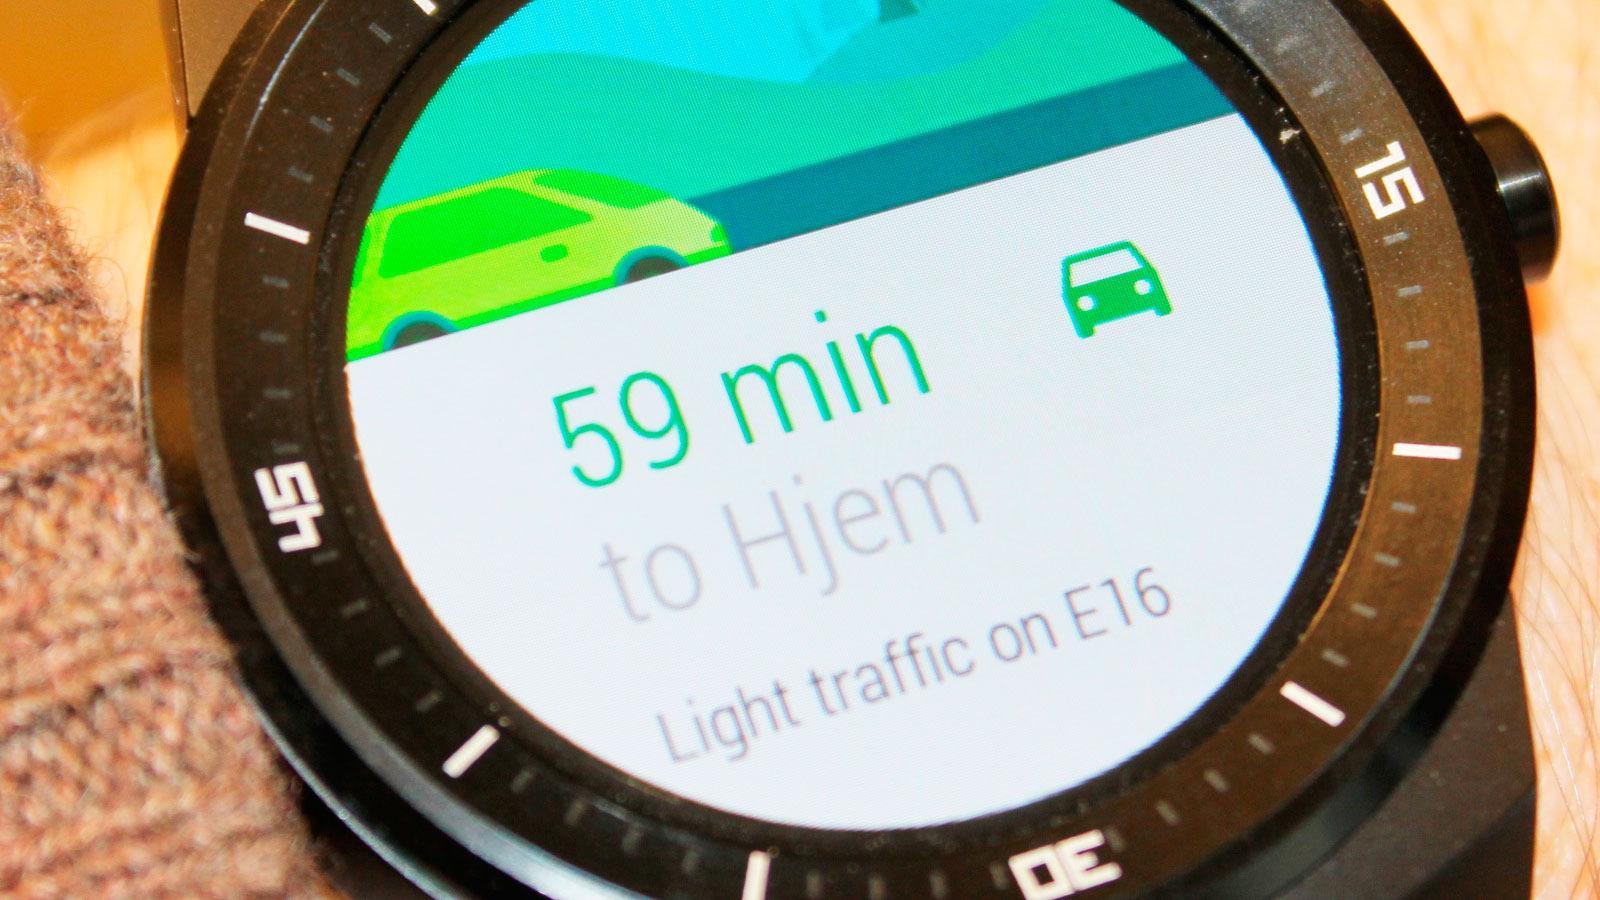 Klokken kan hoste opp informasjon den mener du har bruk for. Som reisetid fra jobb til hjem.Foto: Espen Irwing Swang, Tek.no